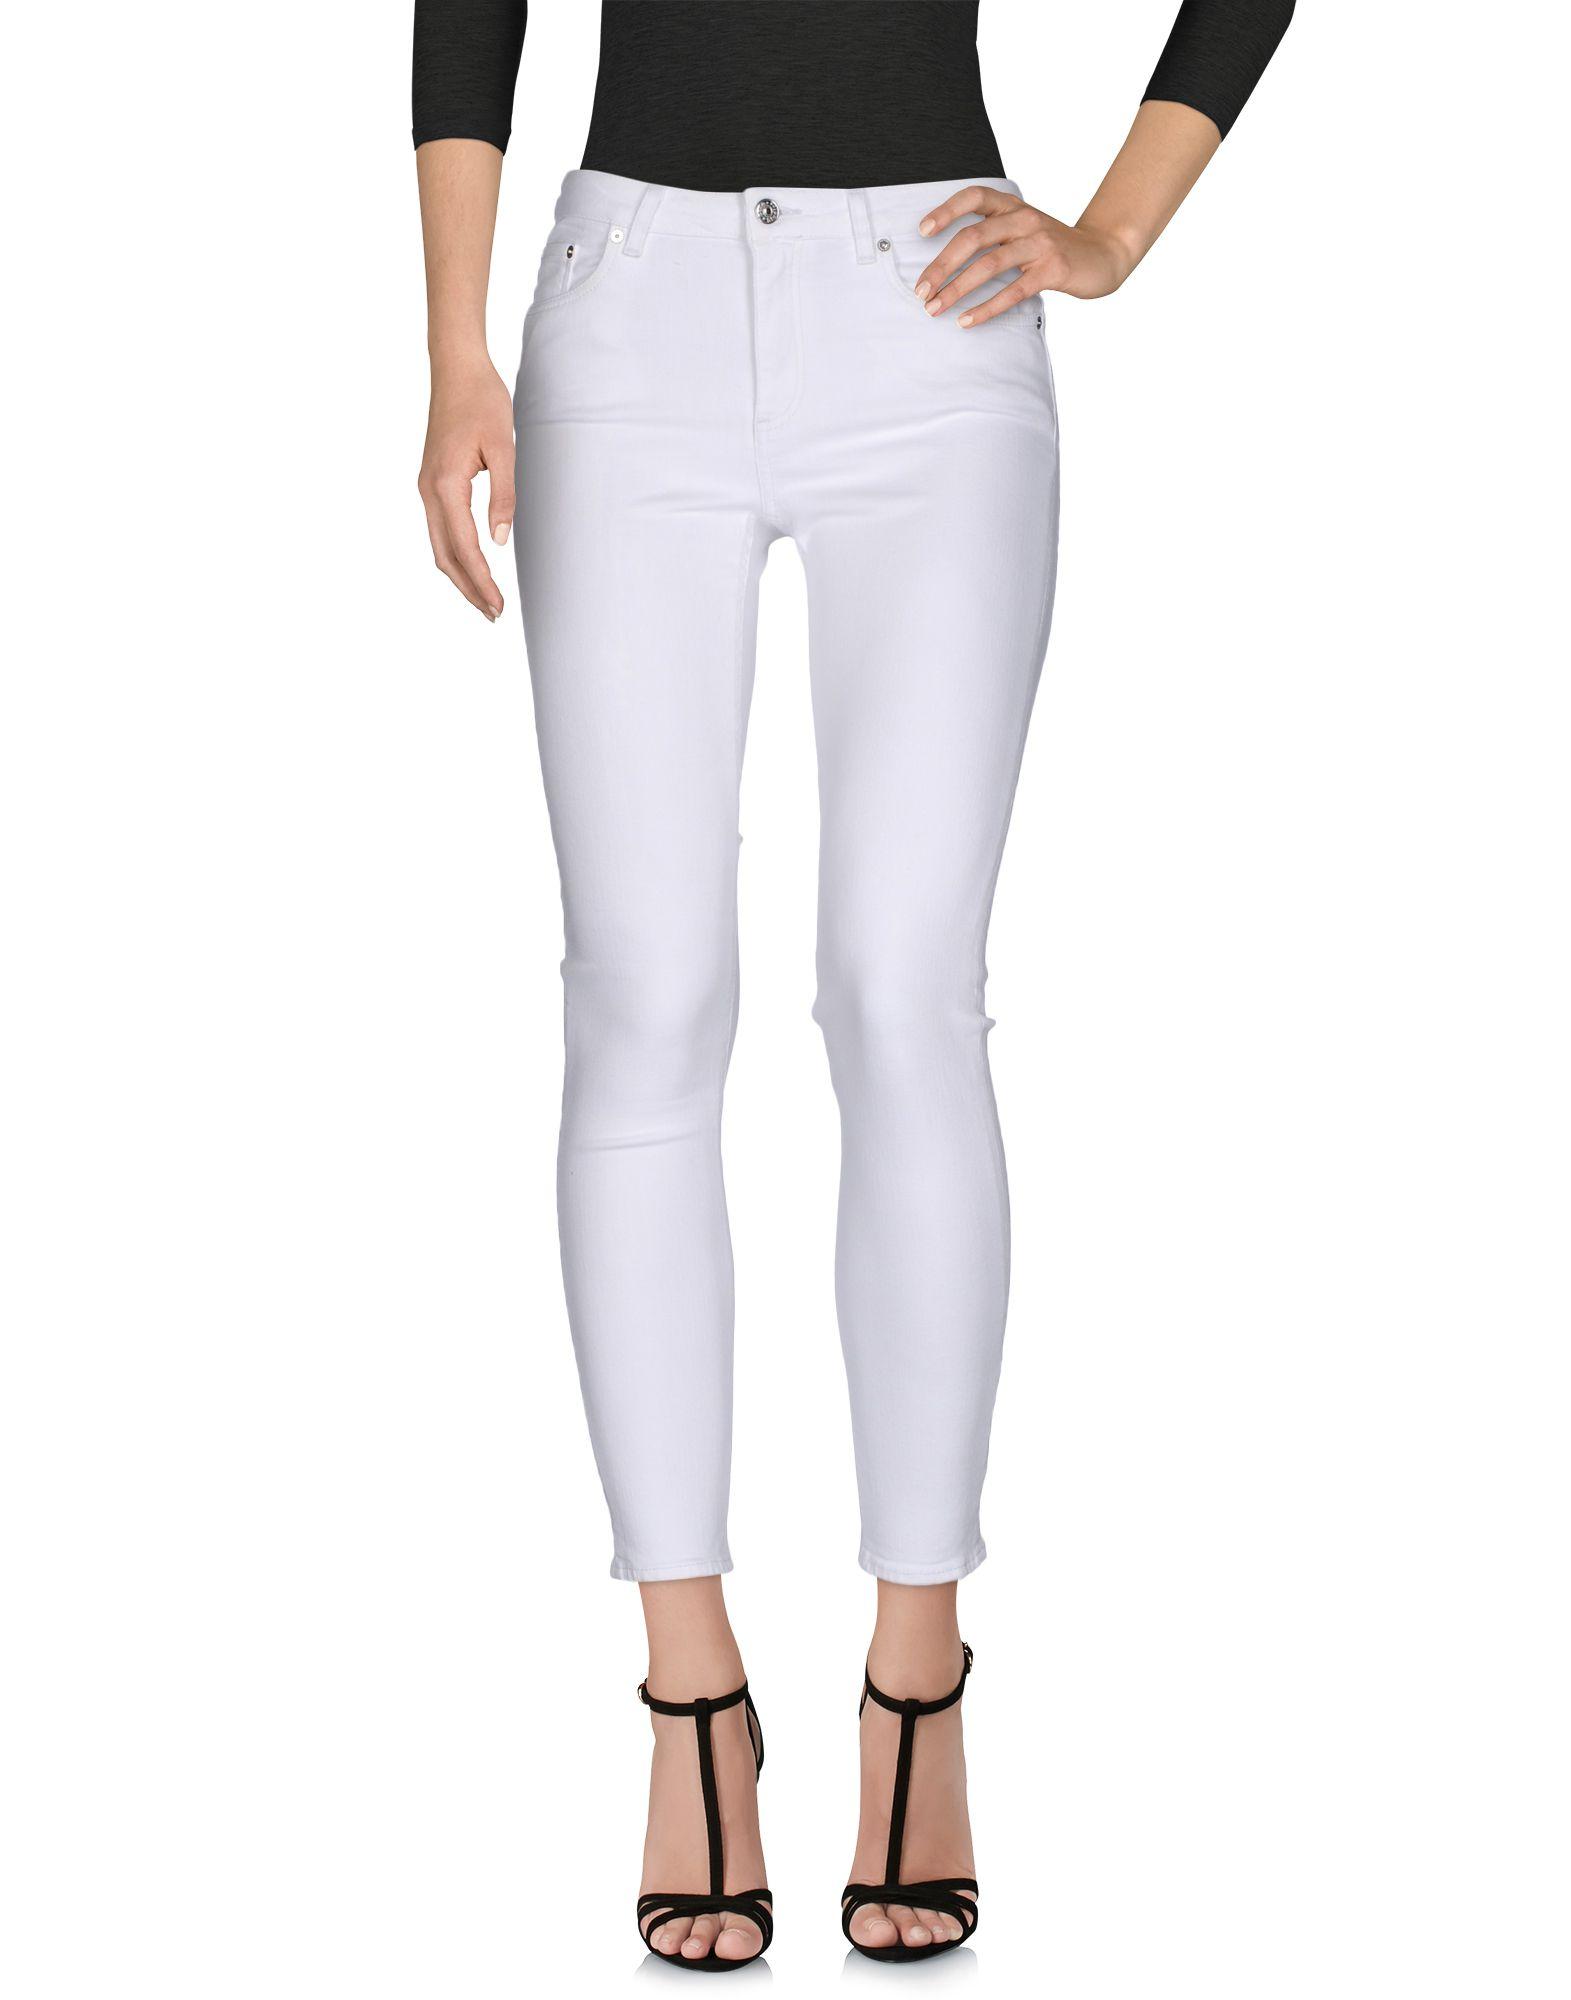 ACNE STUDIOS Damen Jeanshose Farbe Weiß Größe 3 jetztbilligerkaufen